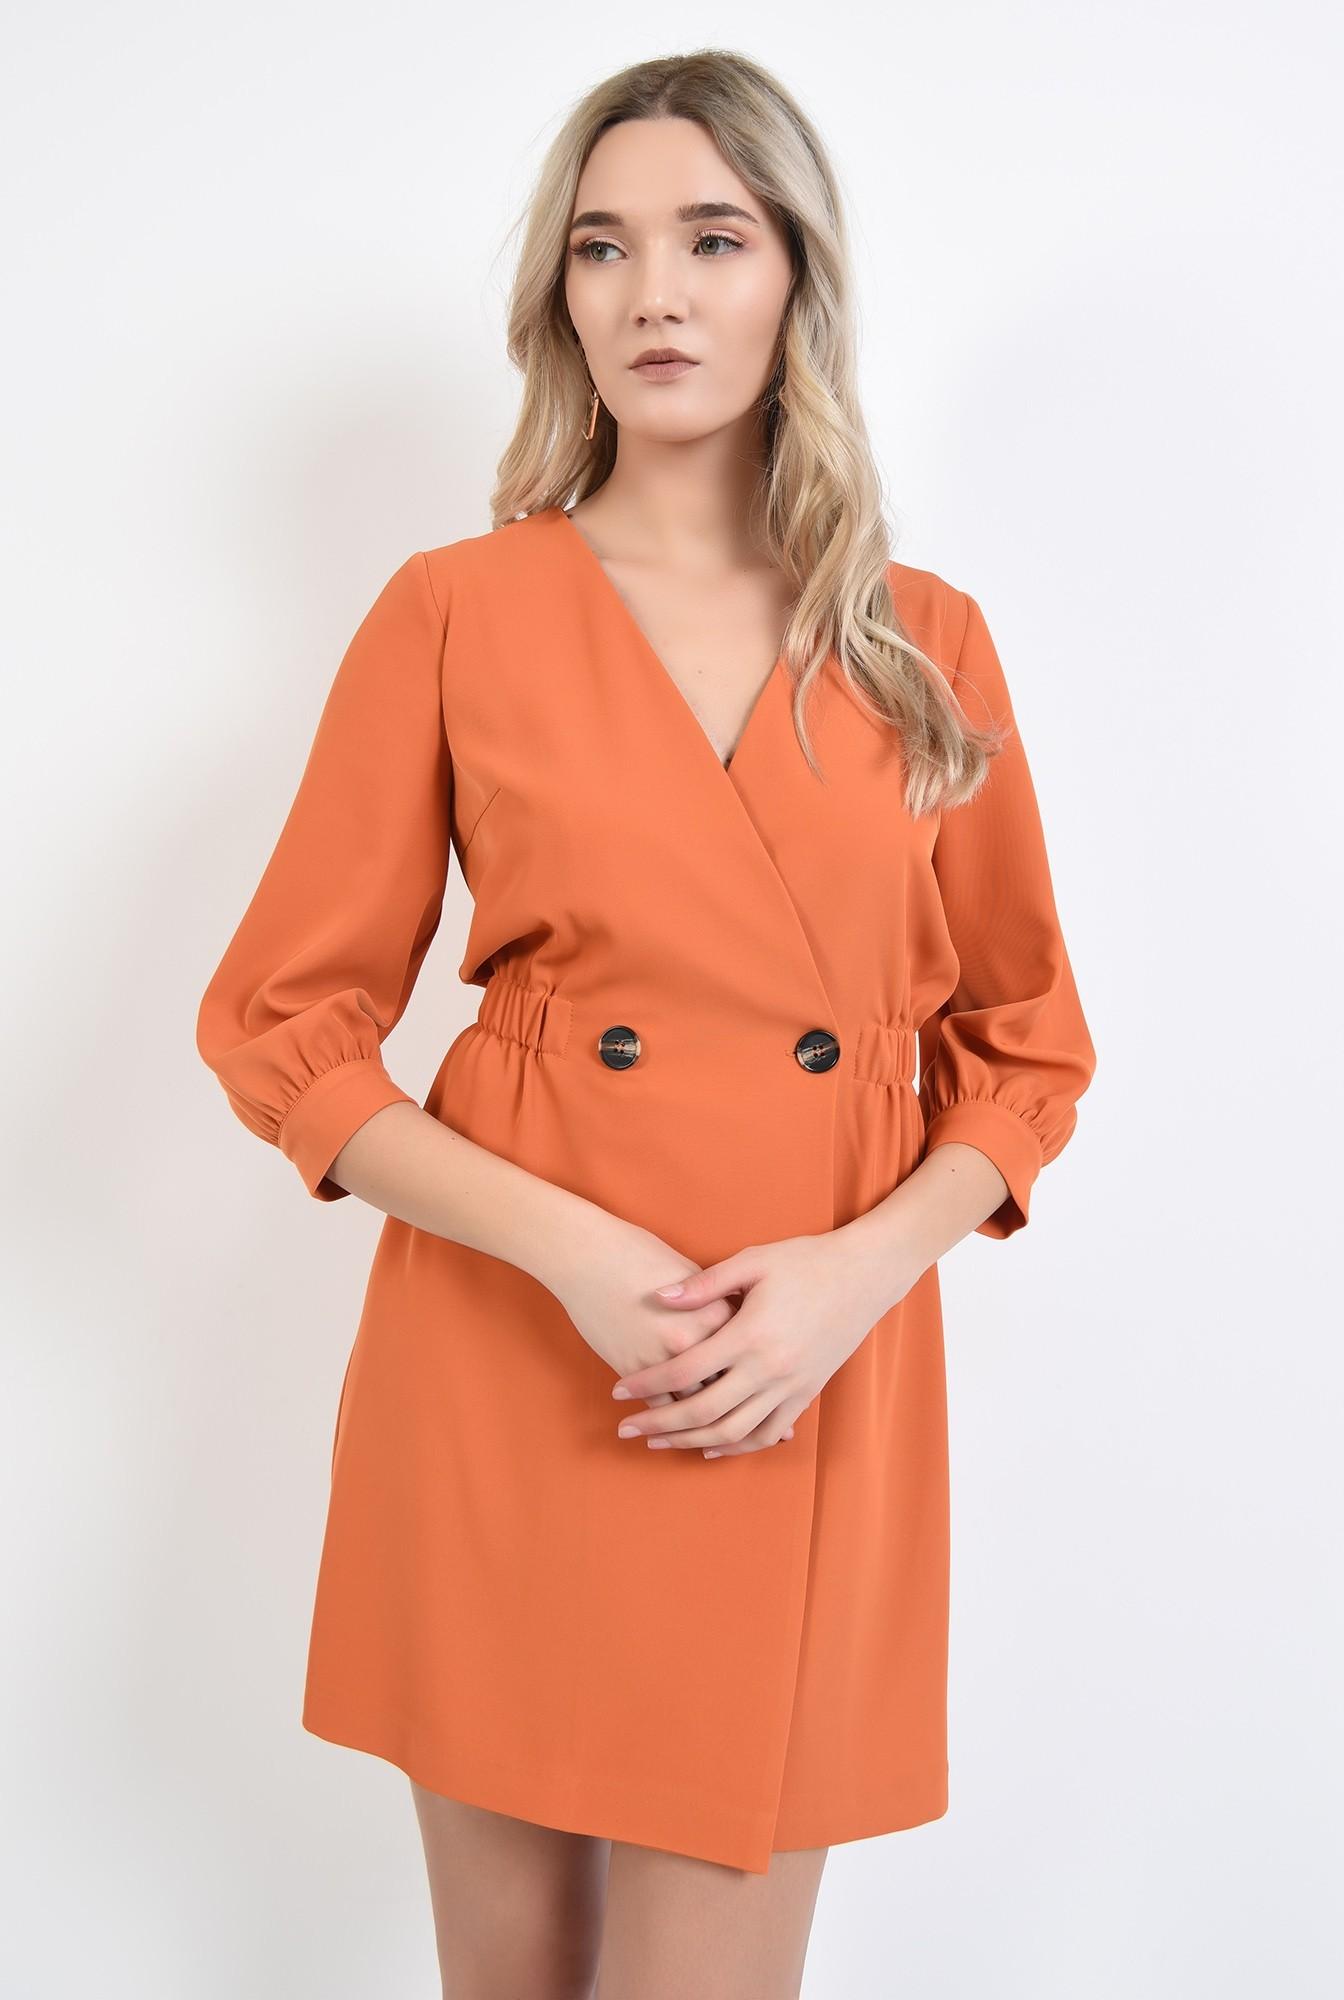 2 - rochie orange, mini, anchior petrecut, inchidere la doi nasturi